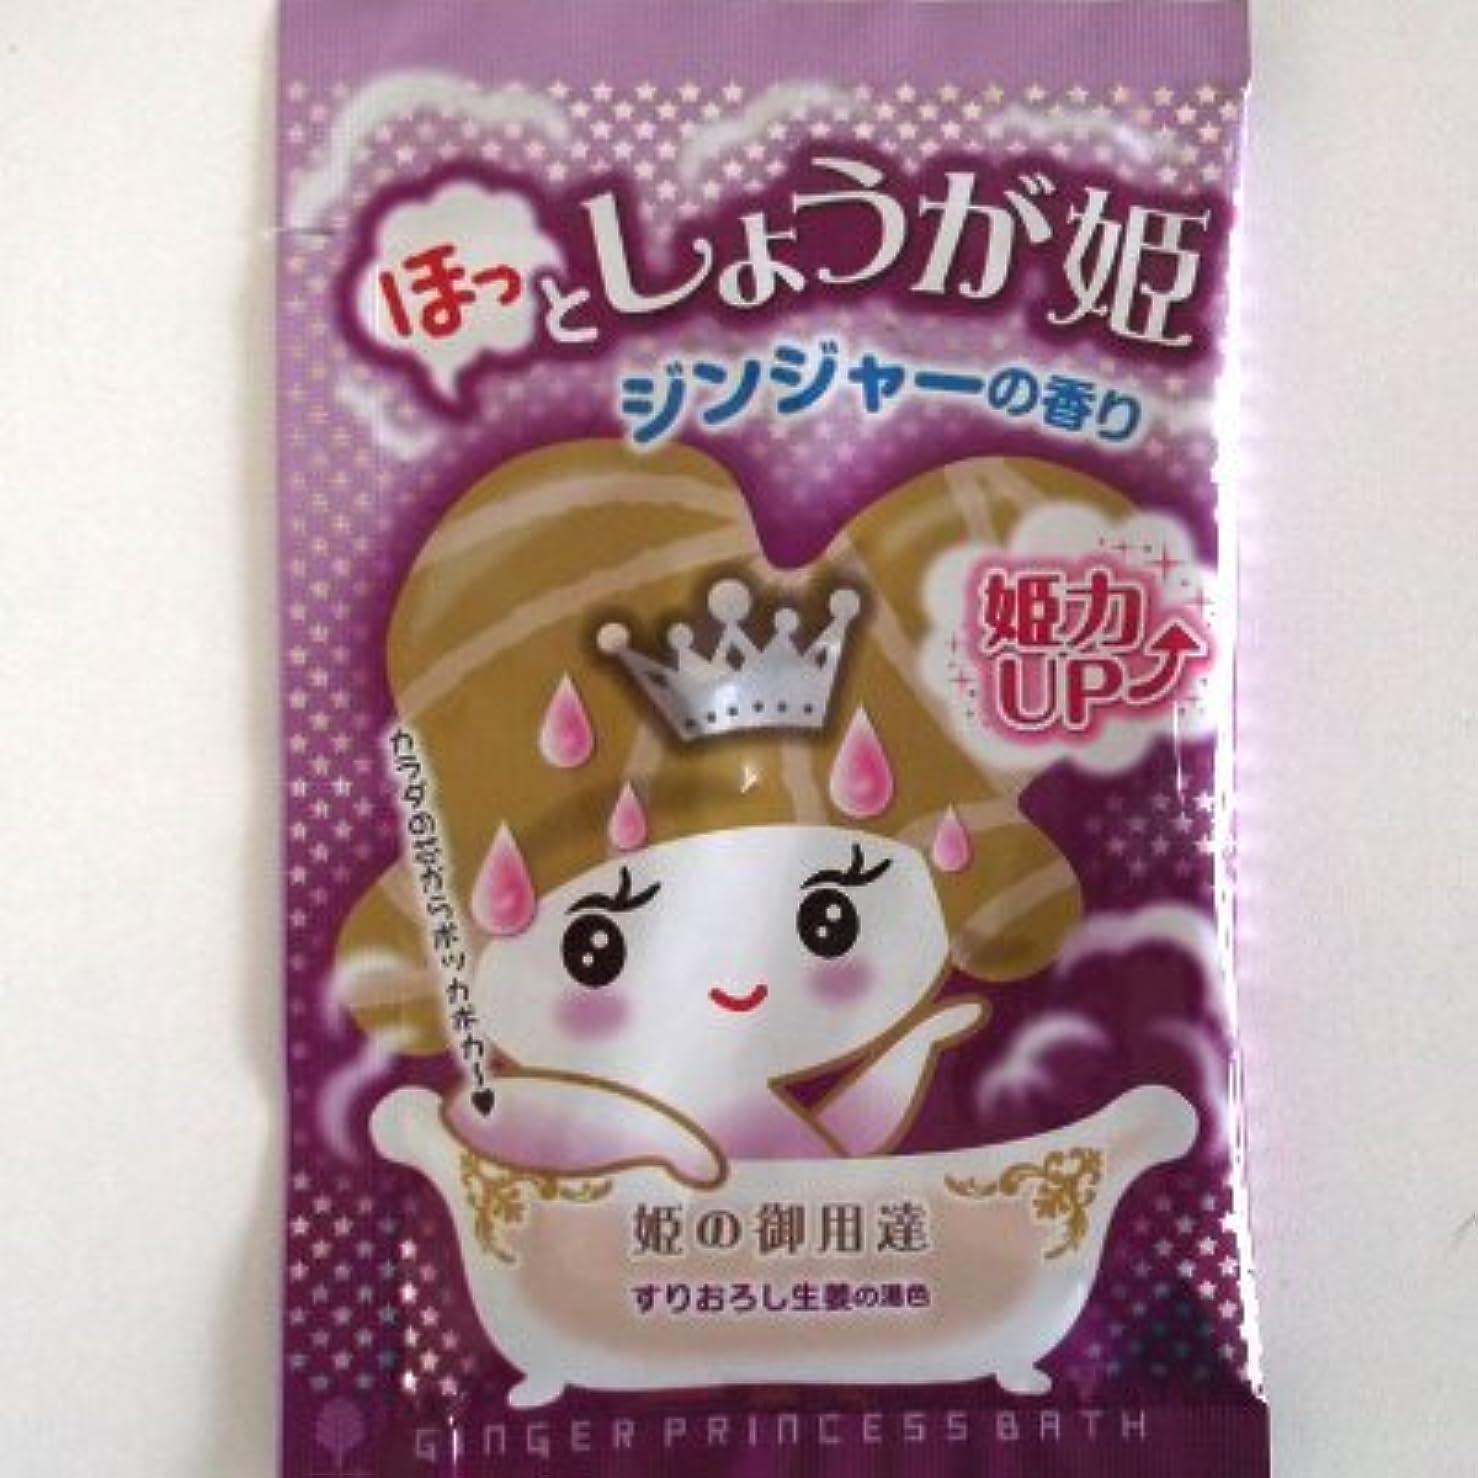 かわいらしい富選ぶ紀陽除虫菊 ほっとしょうが姫 ジャンジャーの香り【まとめ買い12個セット】 N-8403